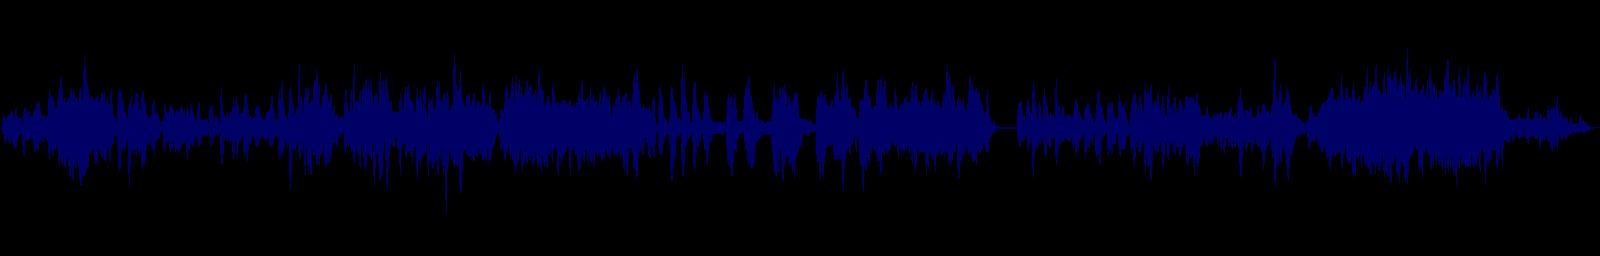 waveform of track #159480